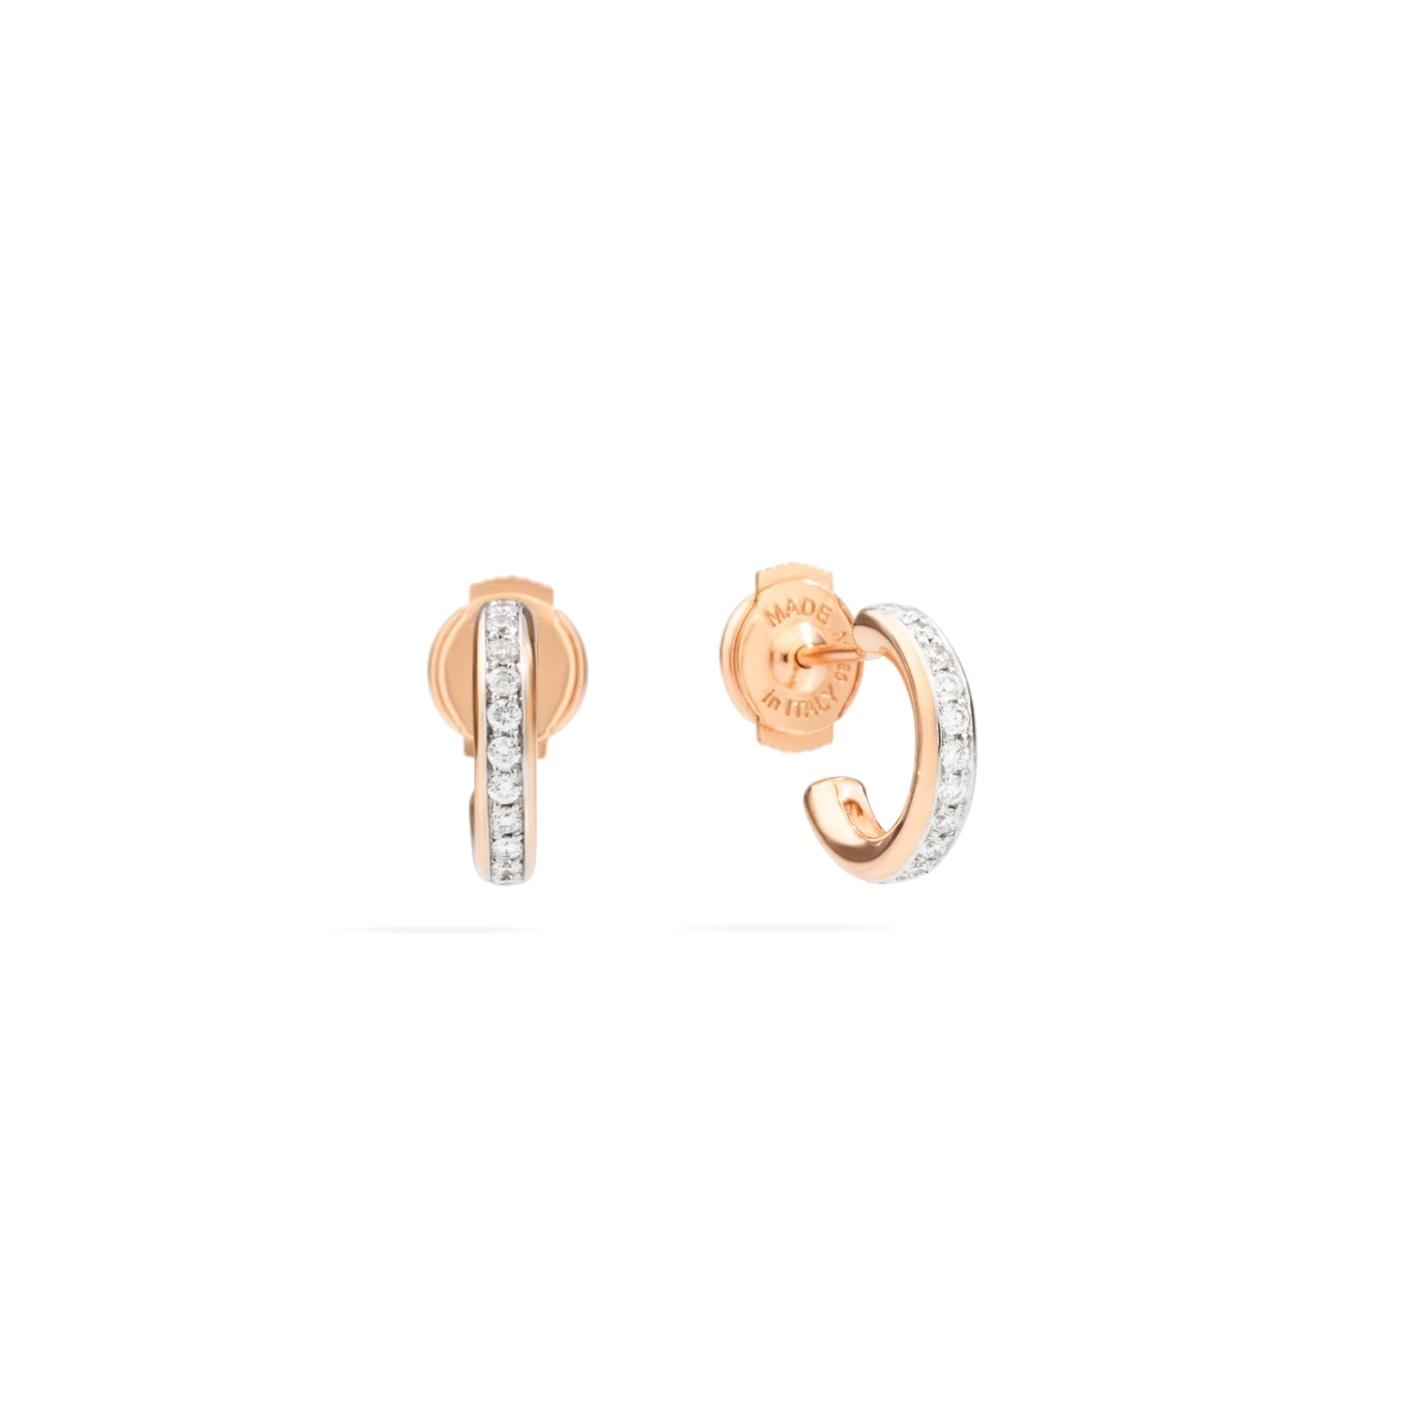 Pomellato Pomellato Iconica oorstekers in 18 krt. roségoud  met witte diamanten